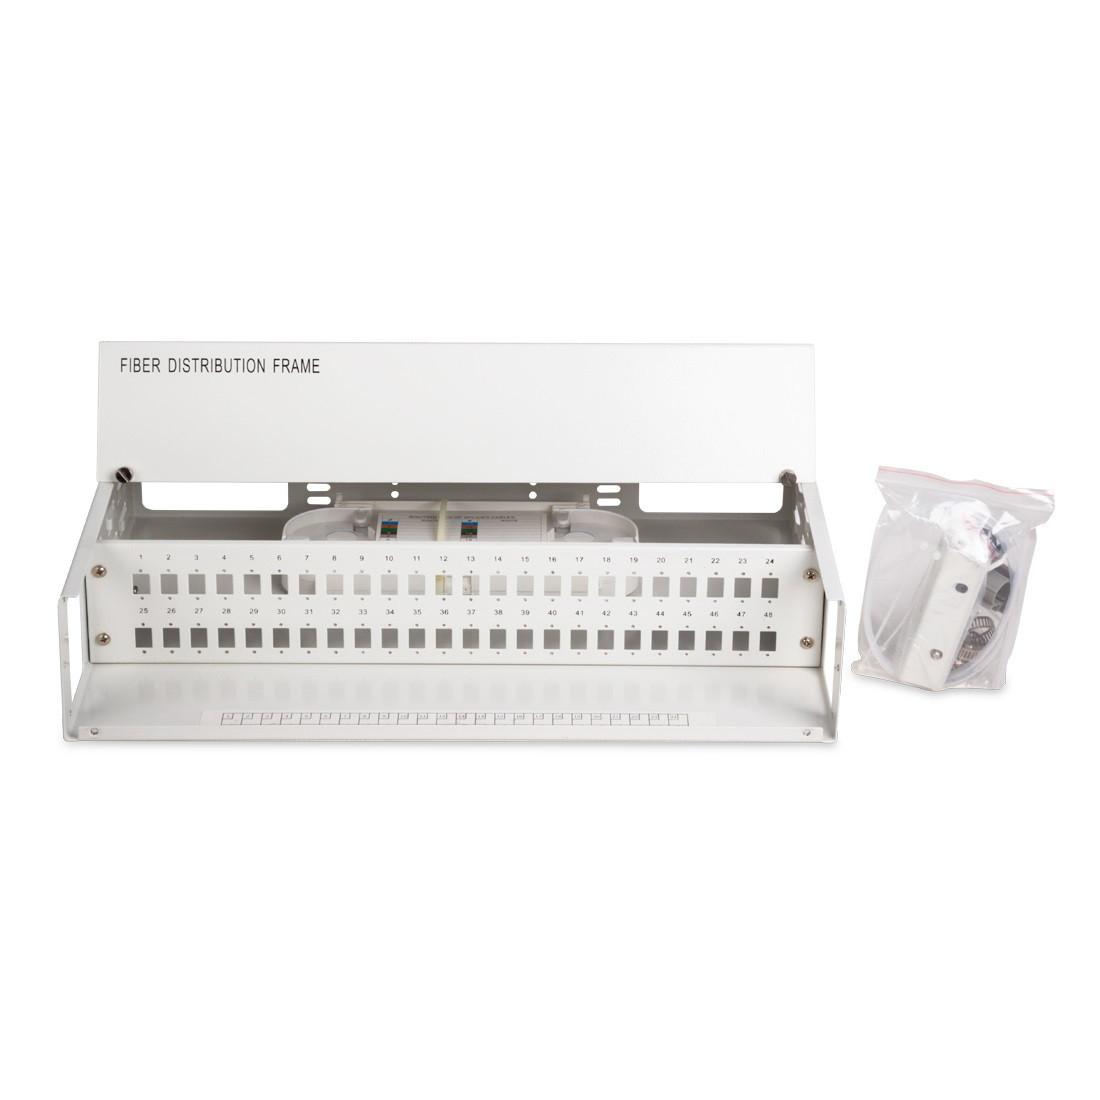 Кросс оптический 2U SC/UPC 36 PORT SM (в комплекте 36 адаптеров+36 пигтейлов+36 гильз)